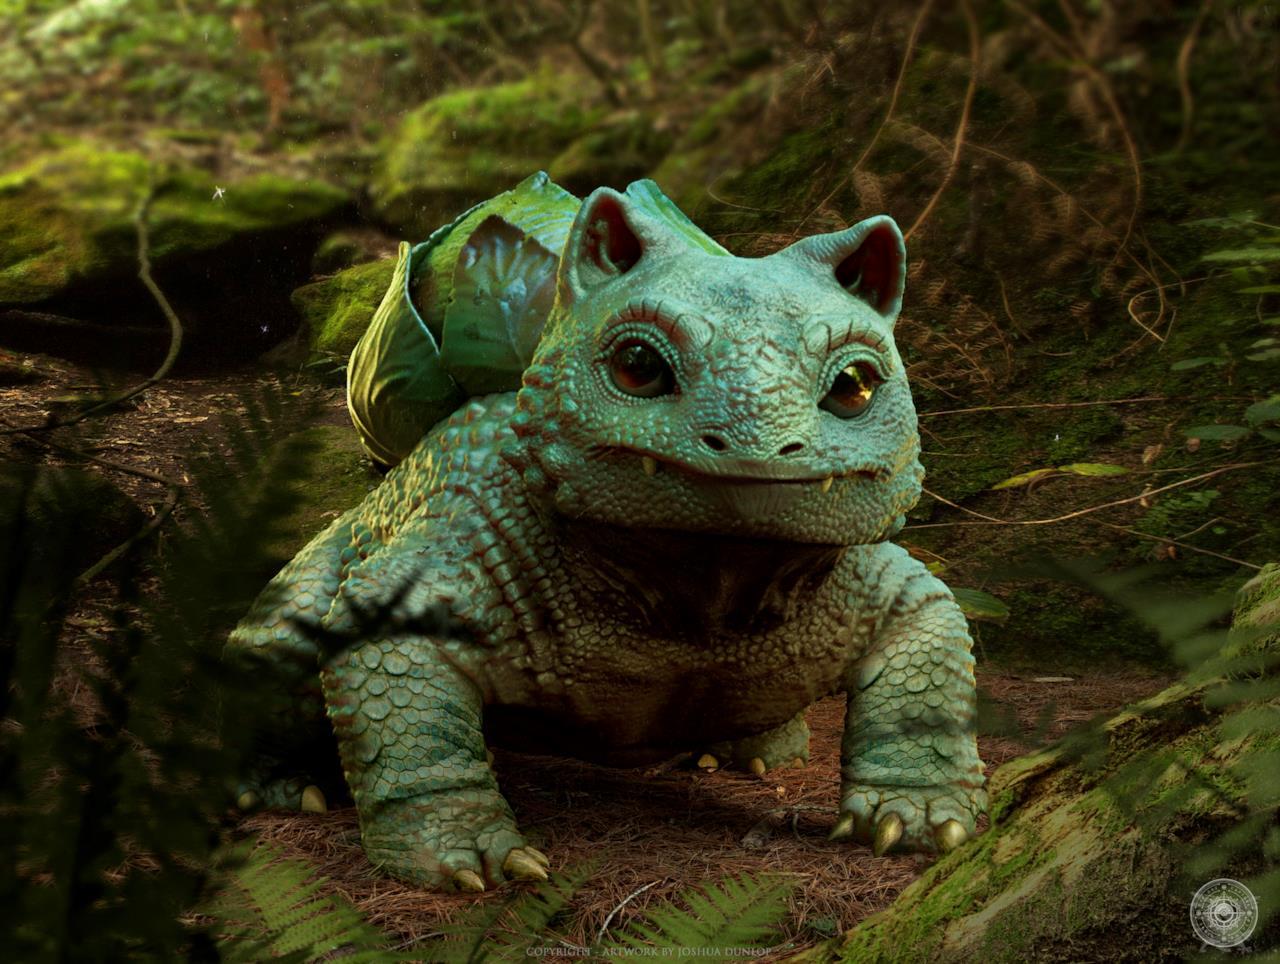 Bulbasaur nel mondo reale così come immaginato da Joshua Dunlop